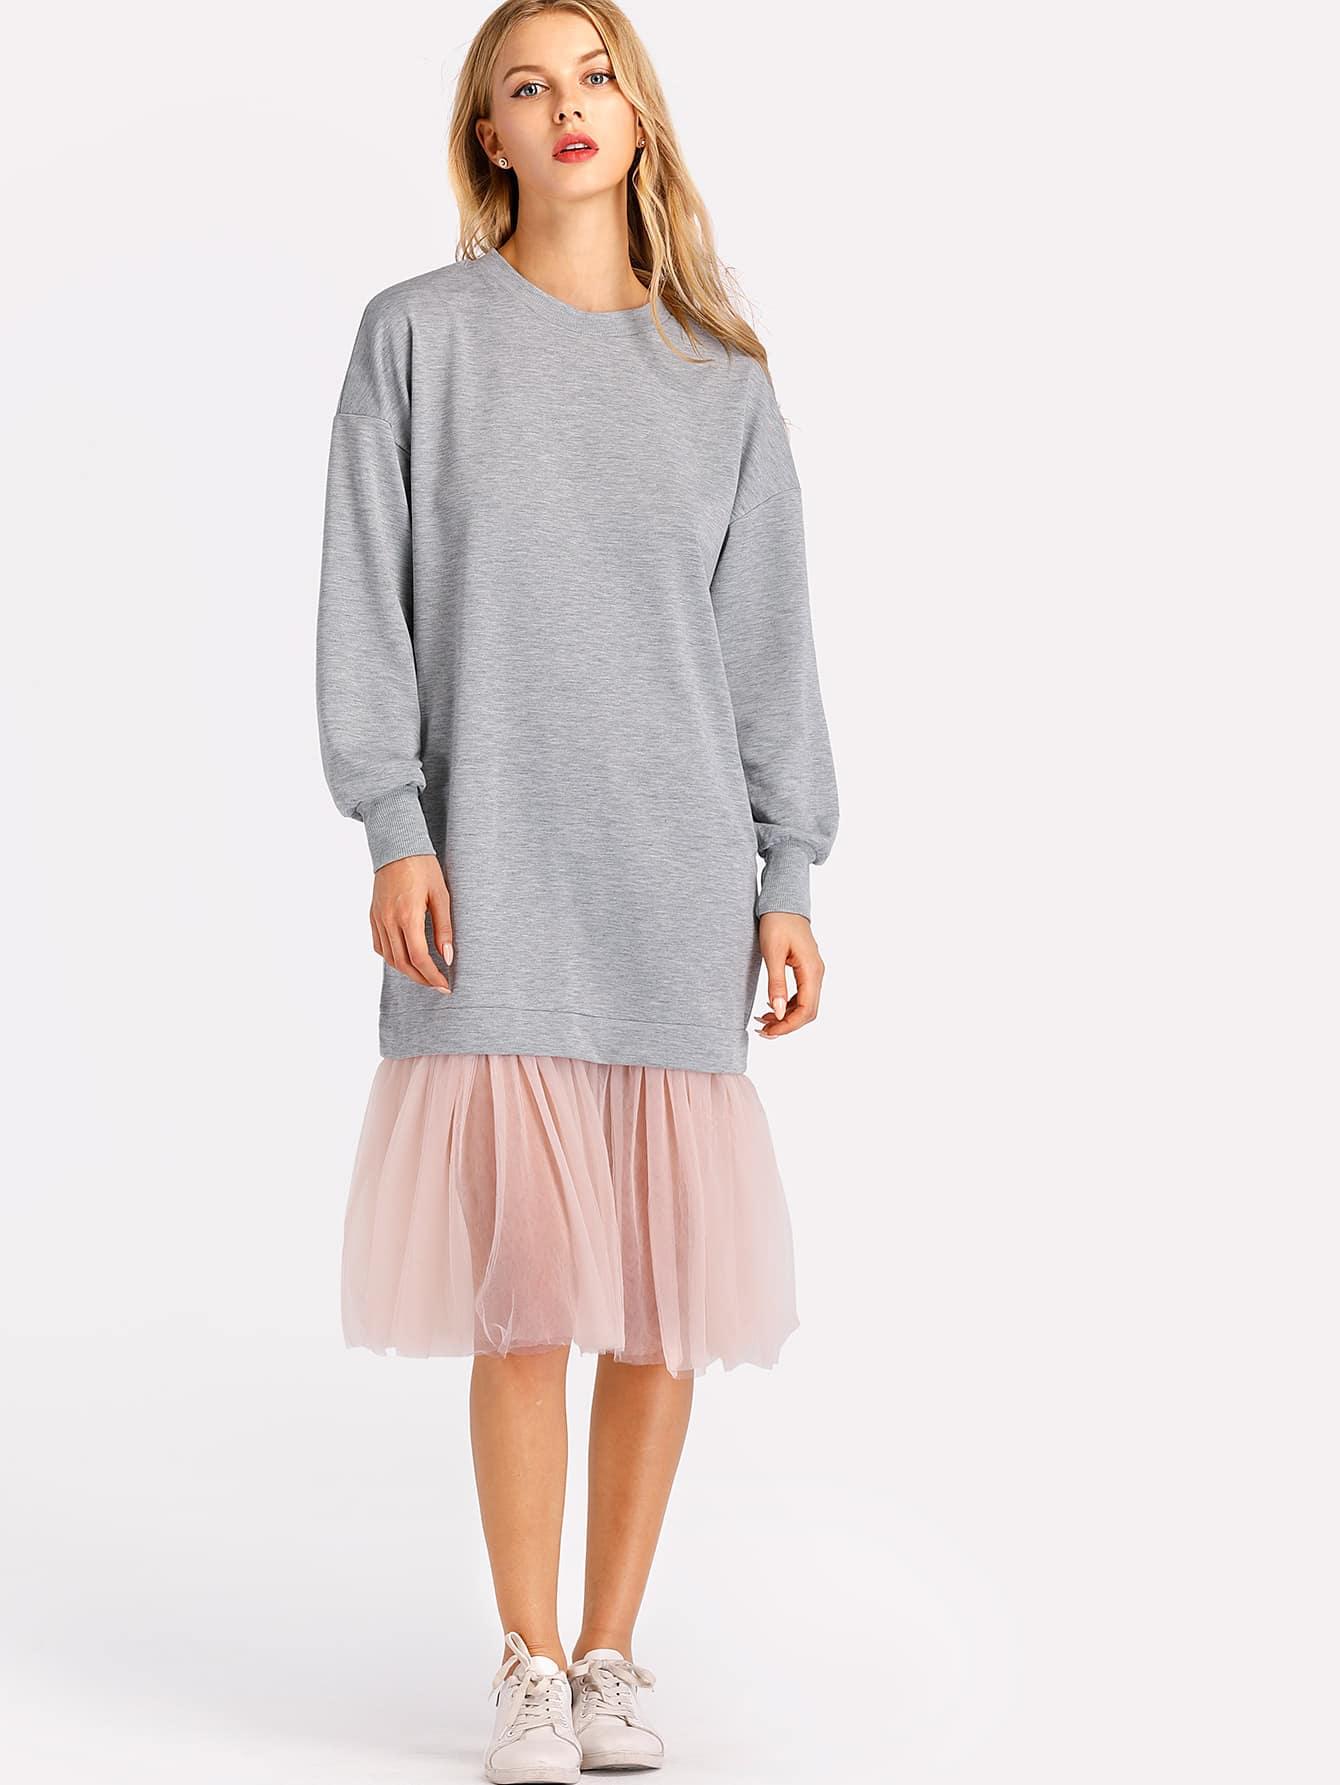 Kontrast Sweatshirt Kleid mit Netzstoff